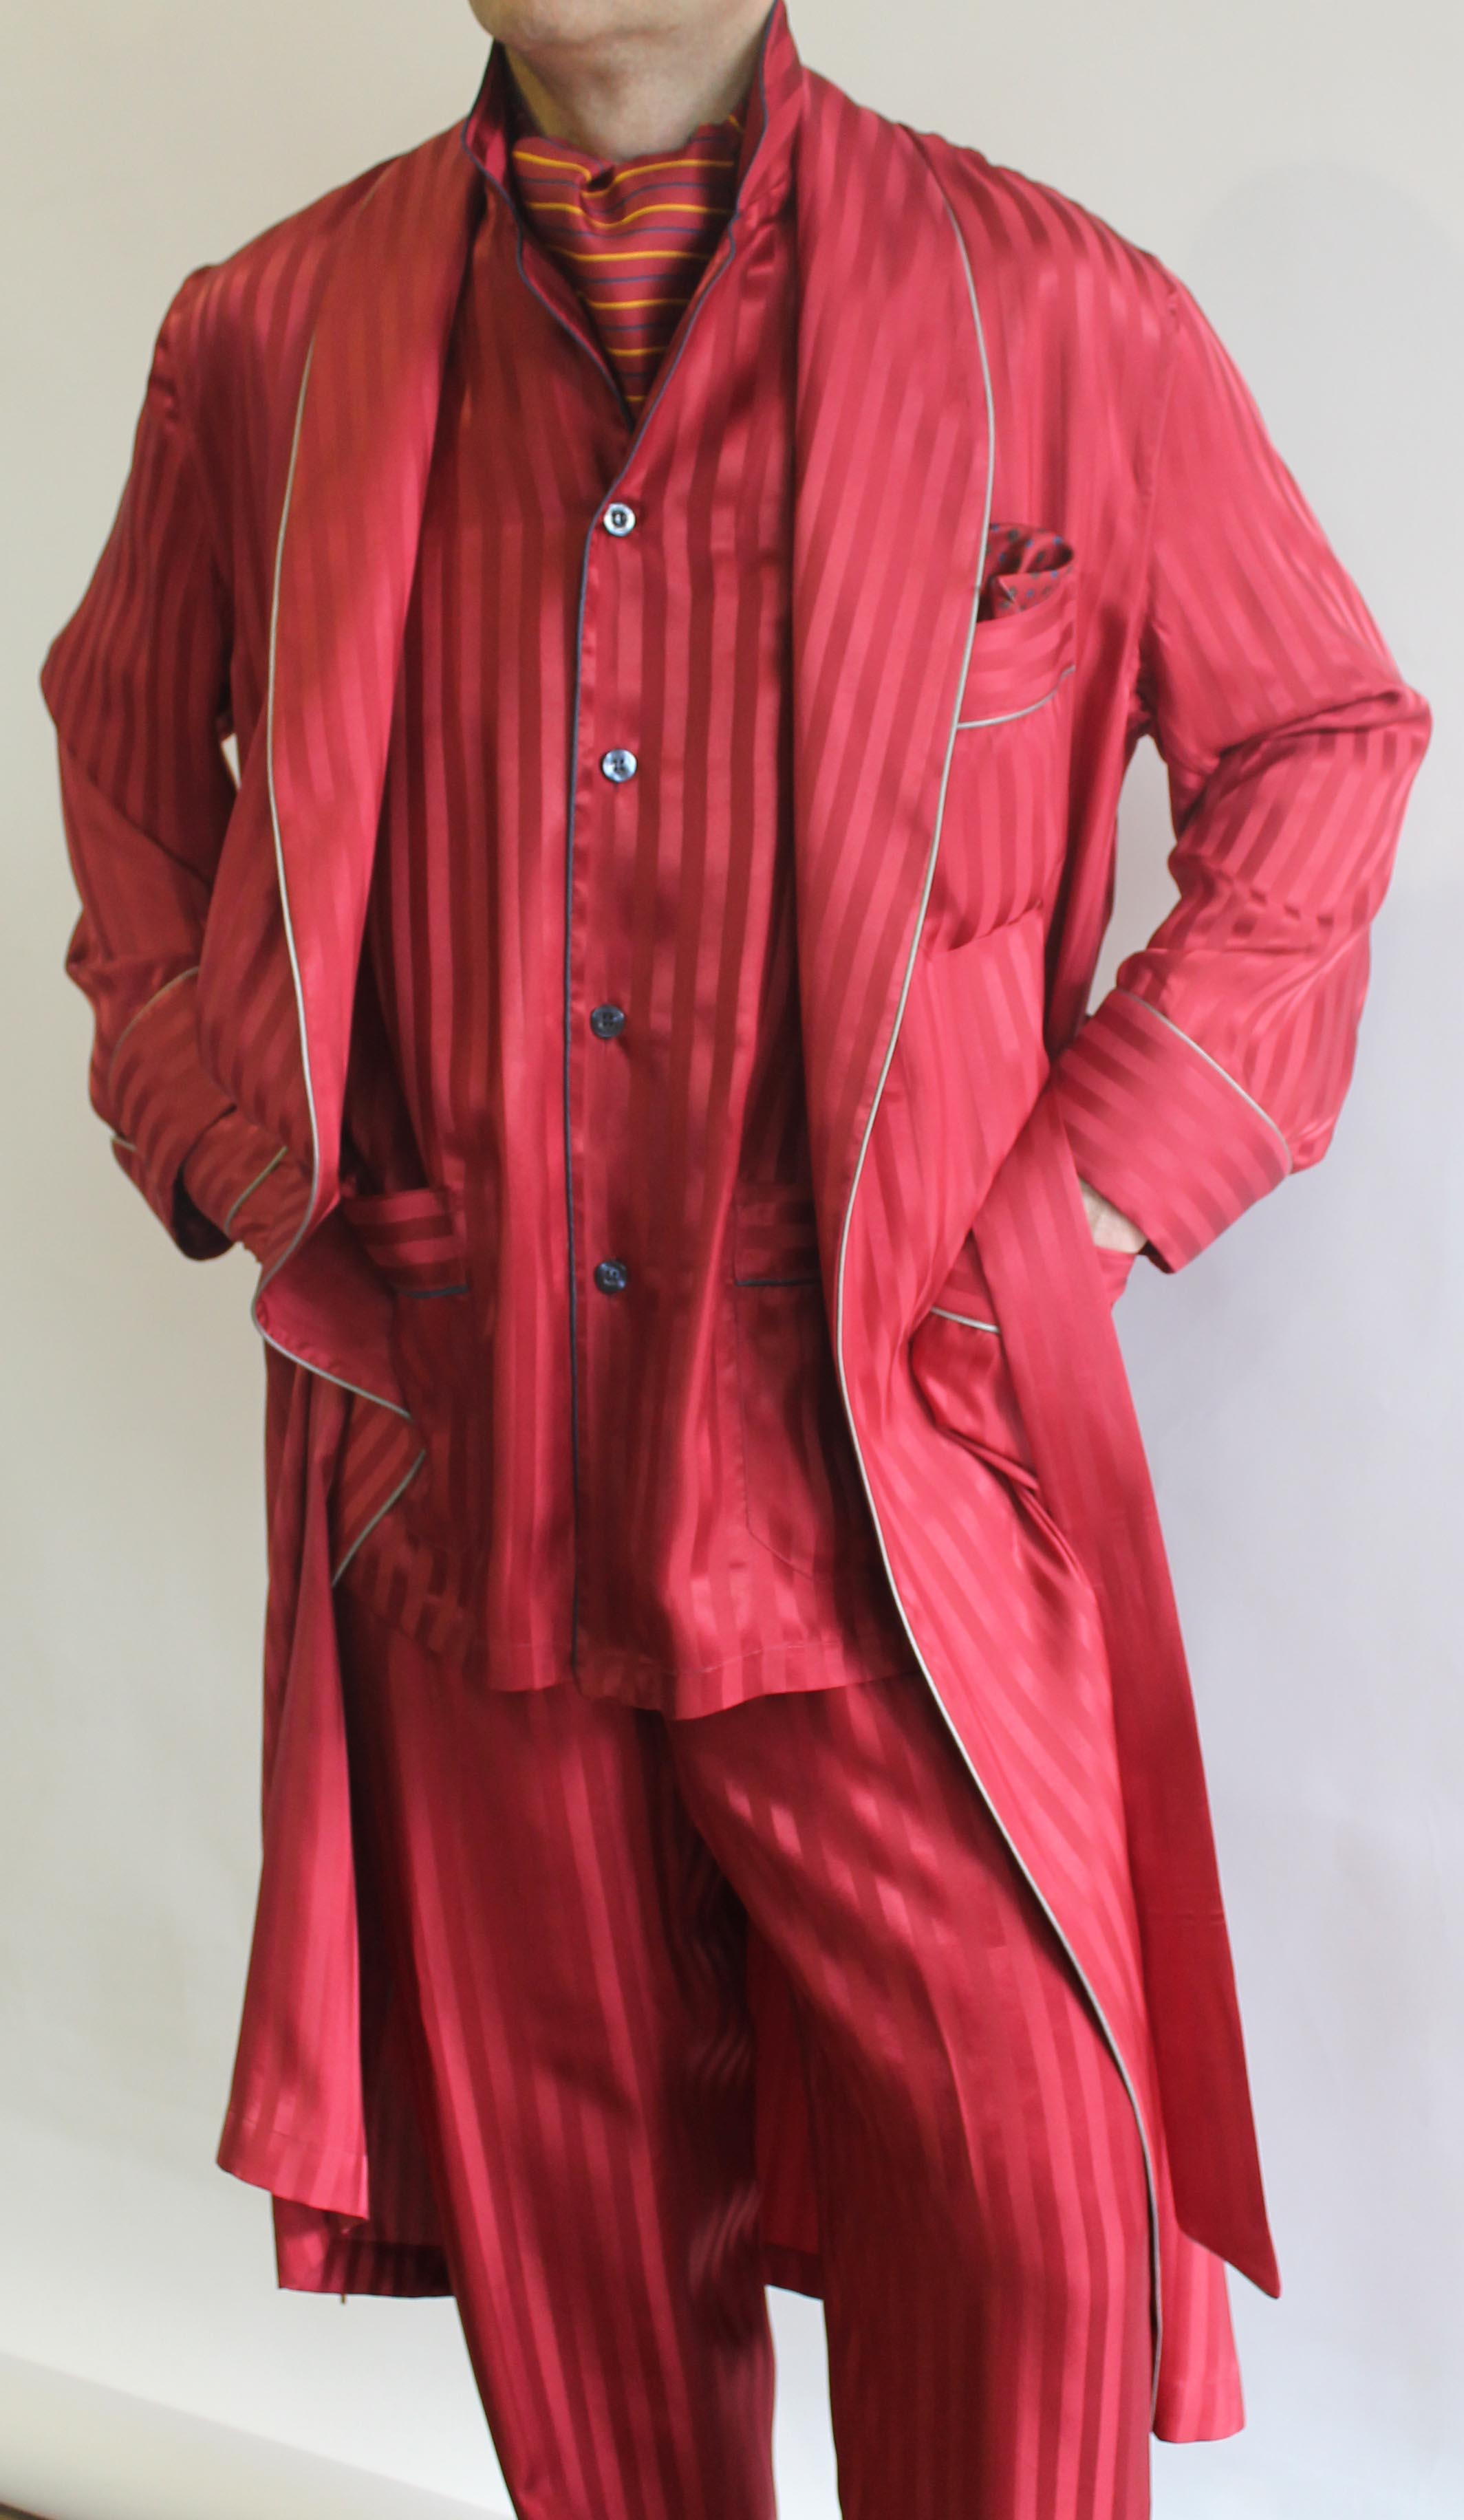 robe de chambre classique pour homme en 100 soie satin rayure ton sur ton avec passepoil. Black Bedroom Furniture Sets. Home Design Ideas